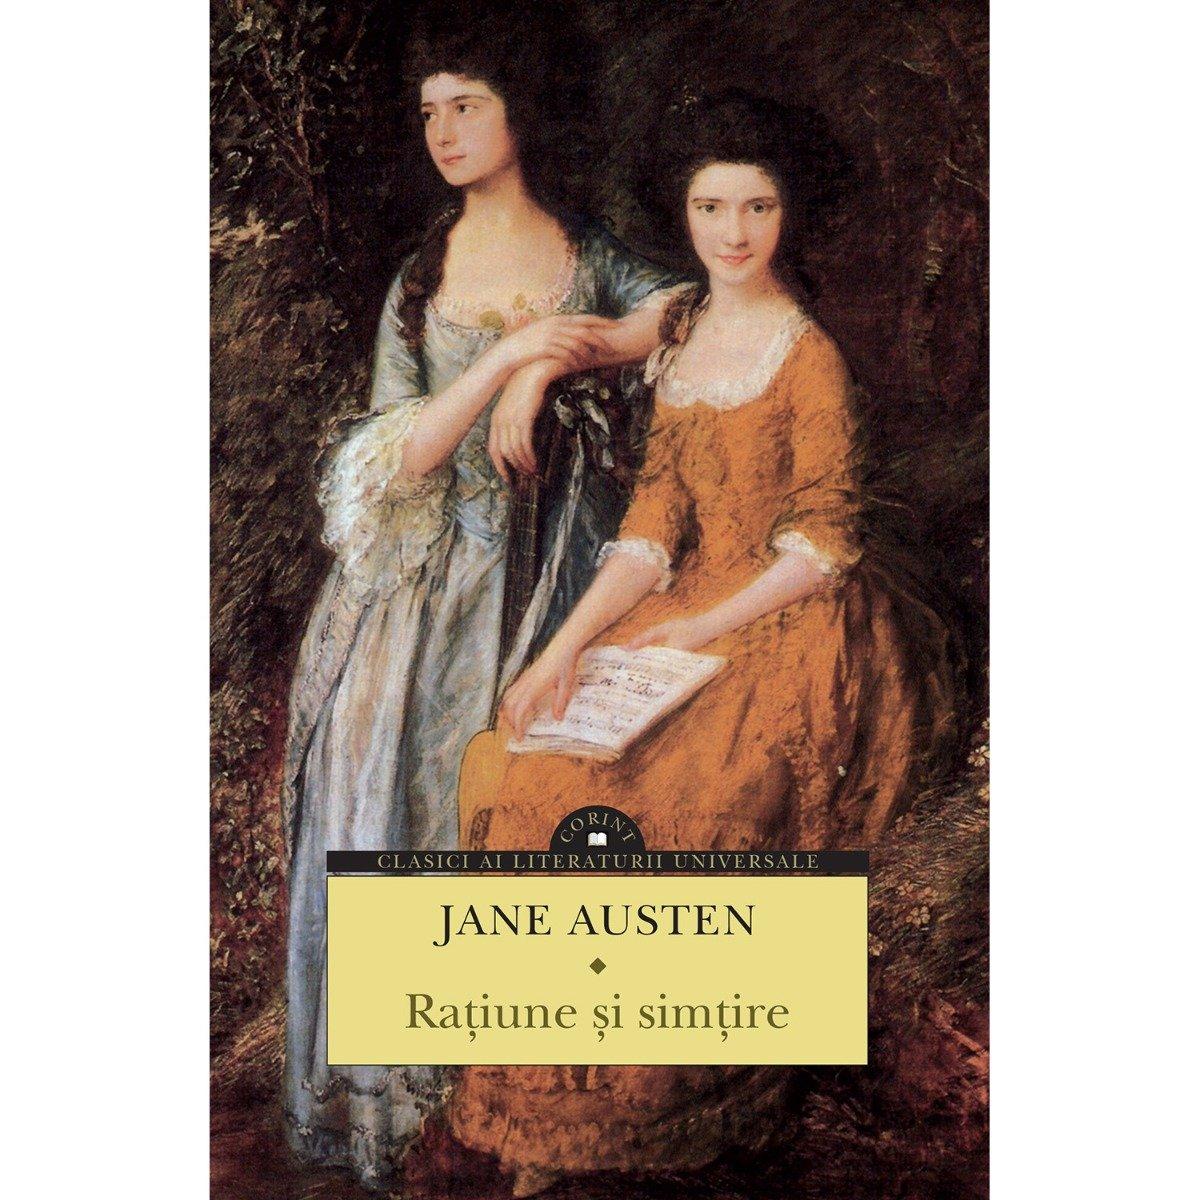 Carte Editura Corint, Ratiune si simtire 2014, Jane Austen imagine